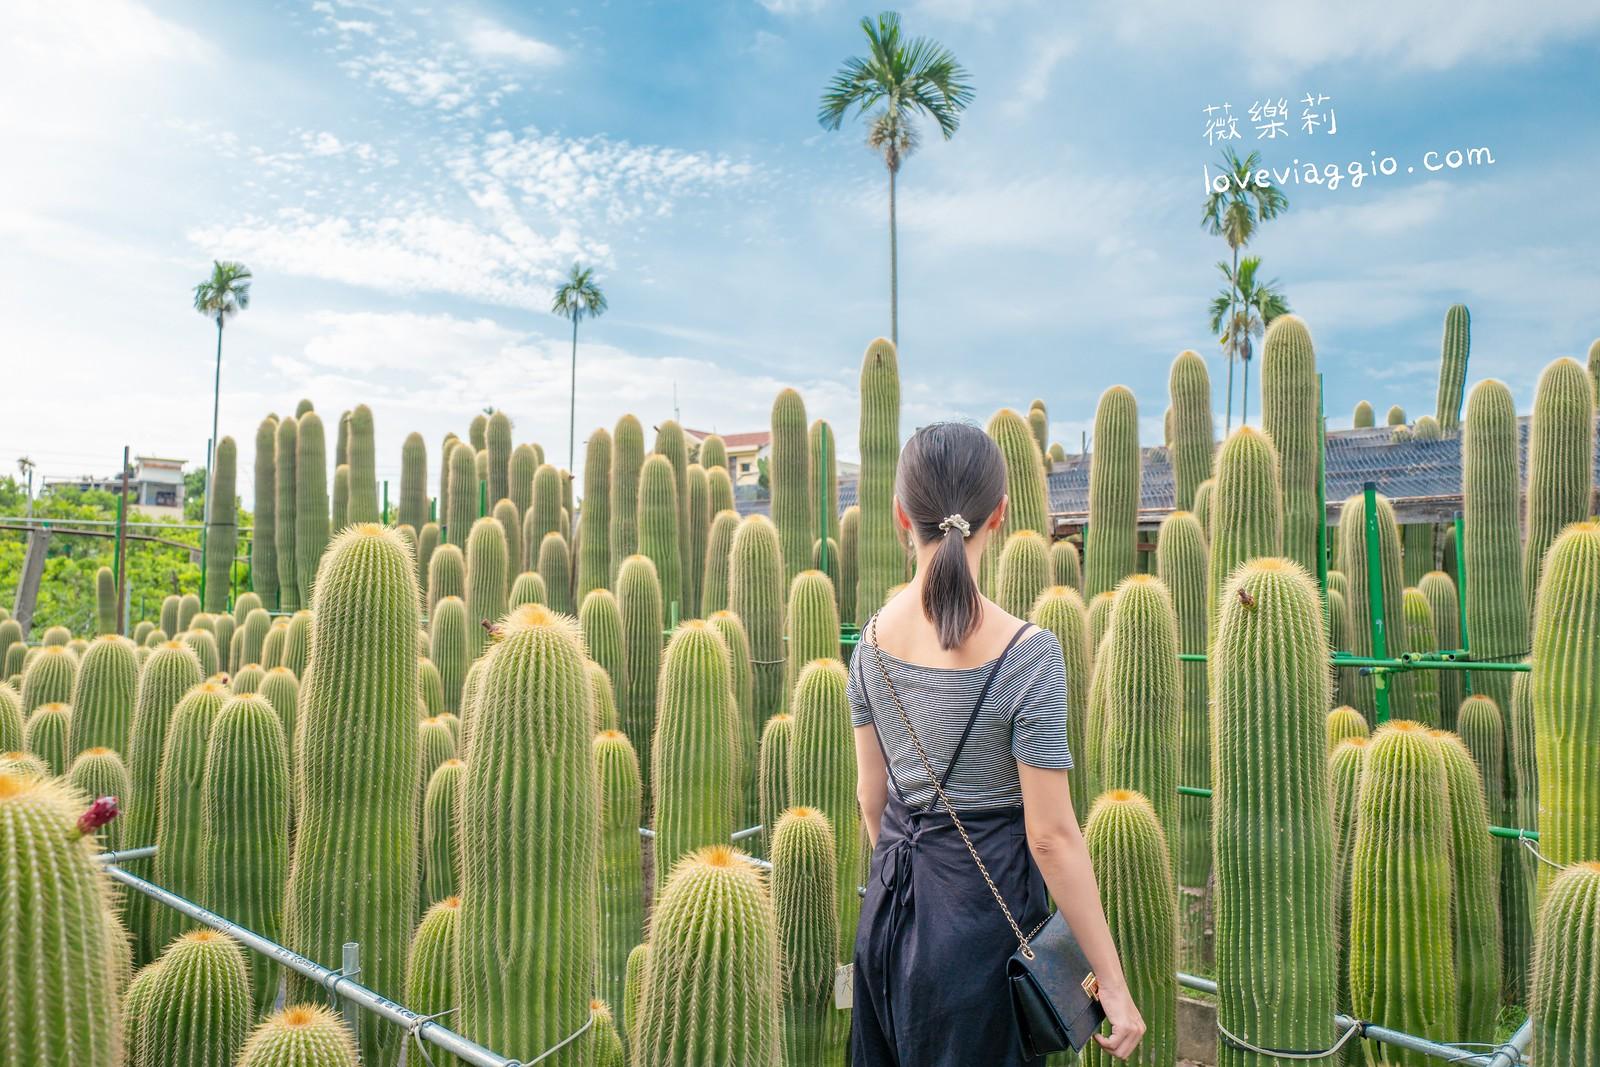 【彰化 Changhua】農村仙人掌園  50年巨大仙人掌拍出異國風照 @薇樂莉 Love Viaggio | 旅行.生活.攝影